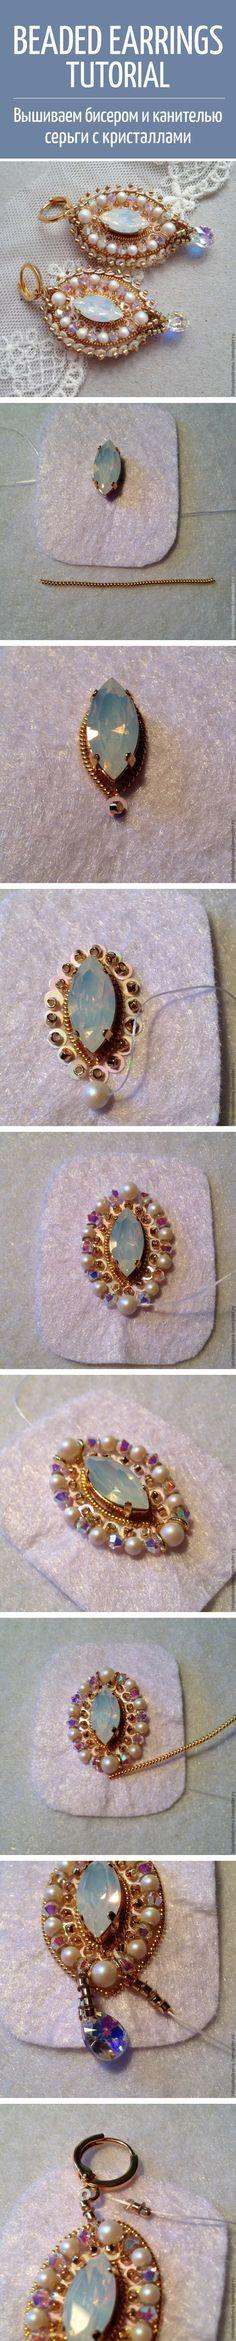 Beaded earrings tutorial / Вышиваем бисером и канителью серьги с кристаллами